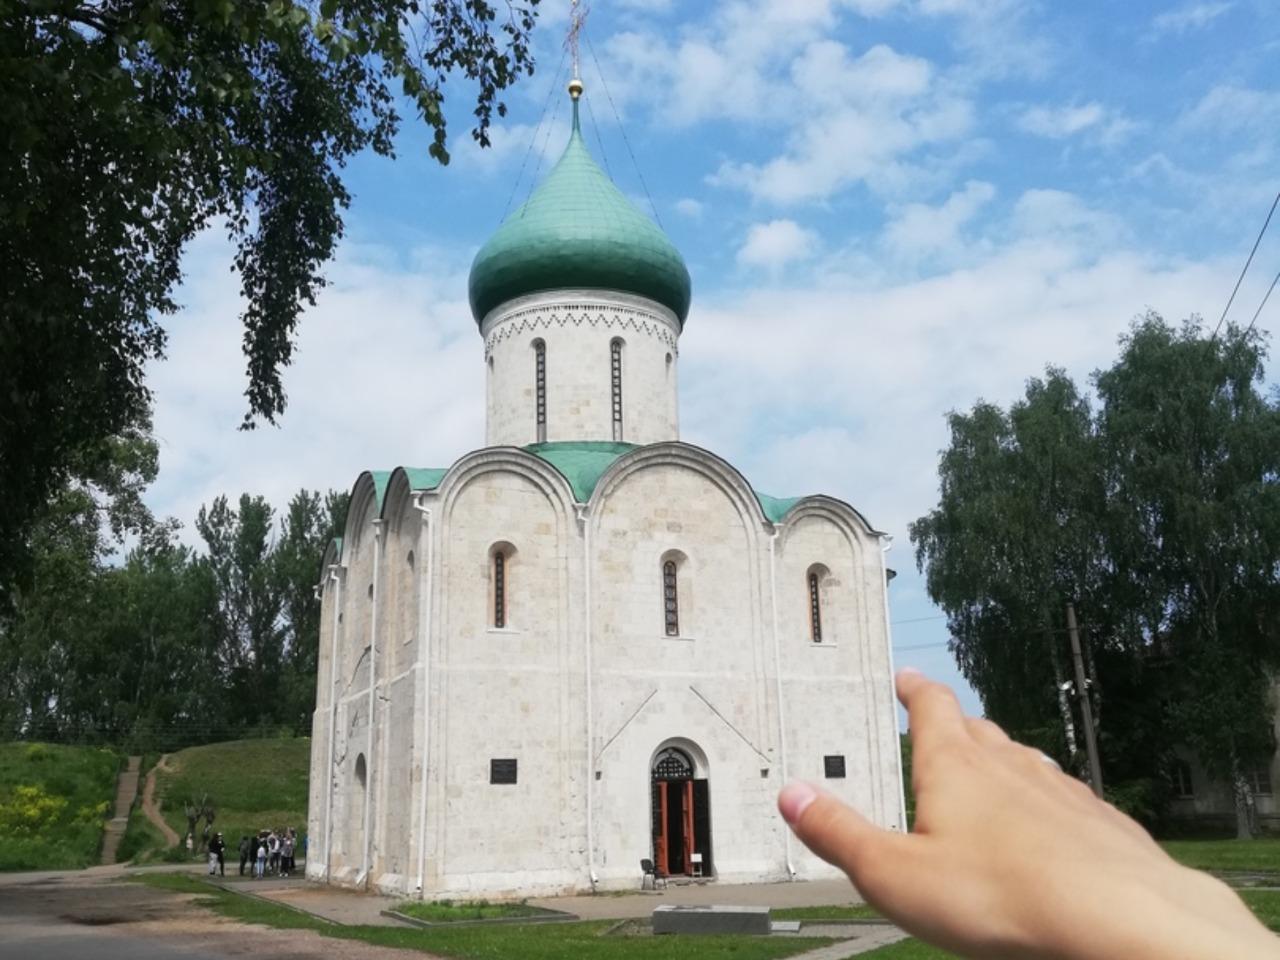 Сказочный Переславль-Залесский - индивидуальная экскурсия в Переславле-Залесском от опытного гида